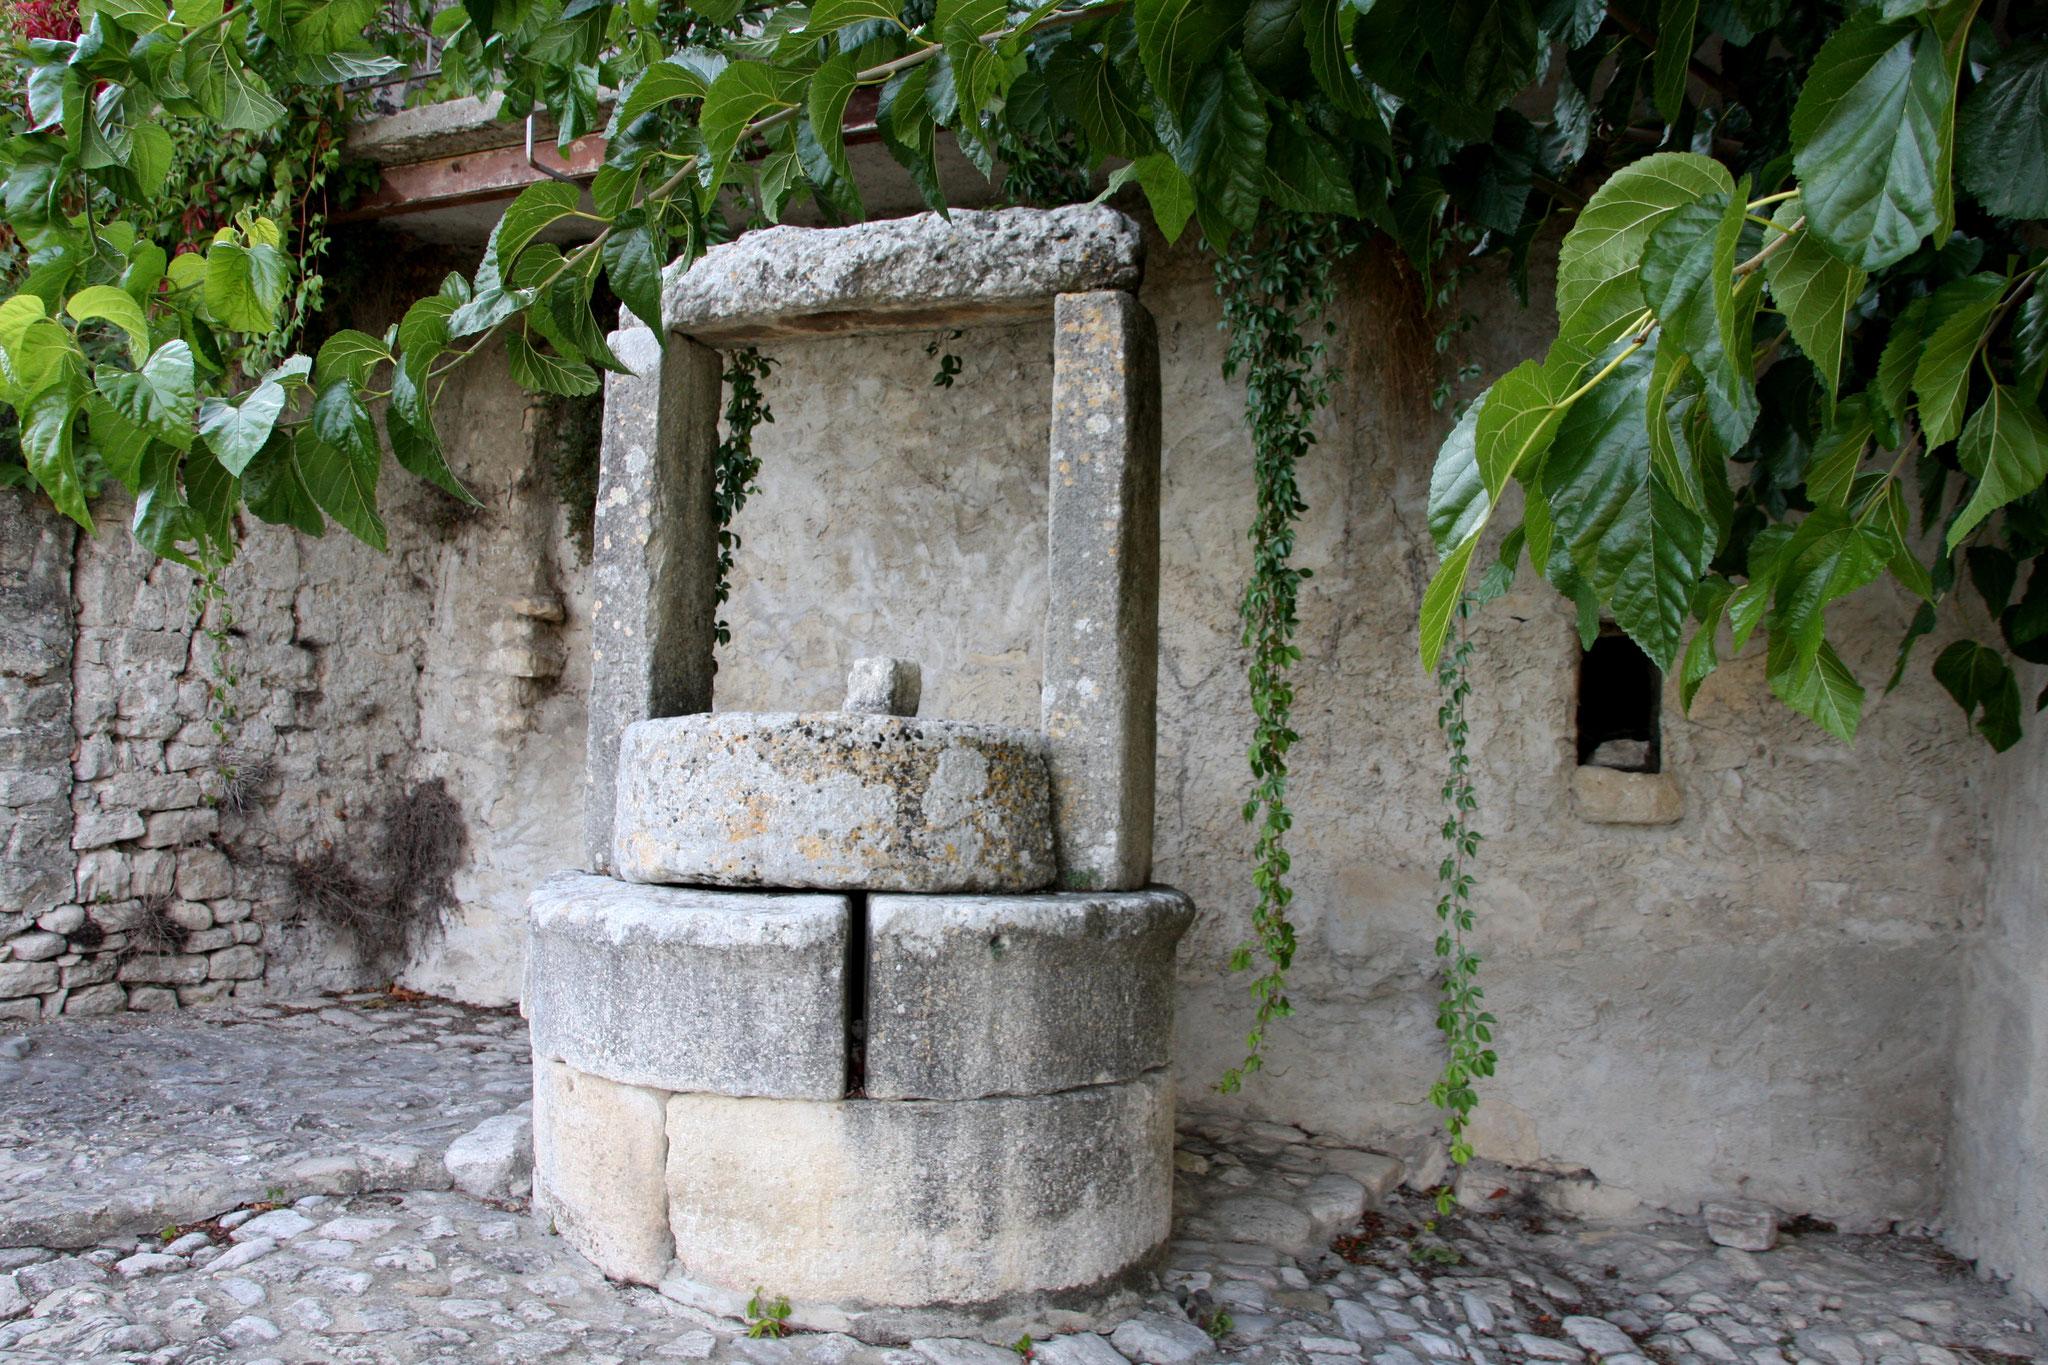 Bild: Crestet, Vaucluse, Provence